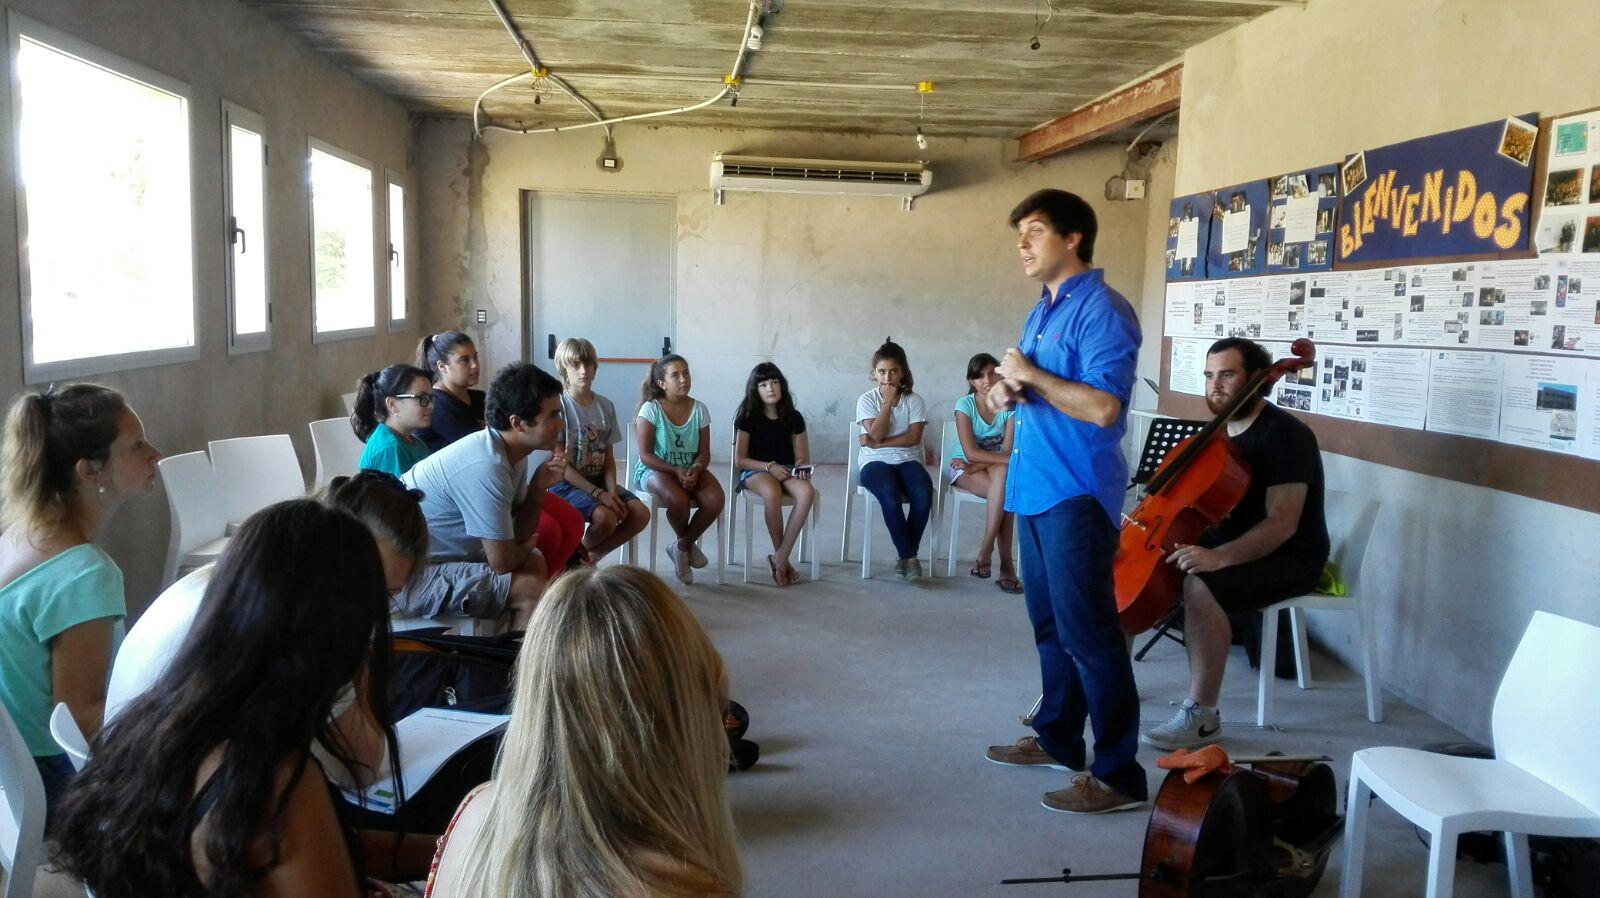 01- Noticias_chivilcoy_1-3-2016 - La Escuela Orquesta de Chascomús  presentó a destacados  violinistas 1